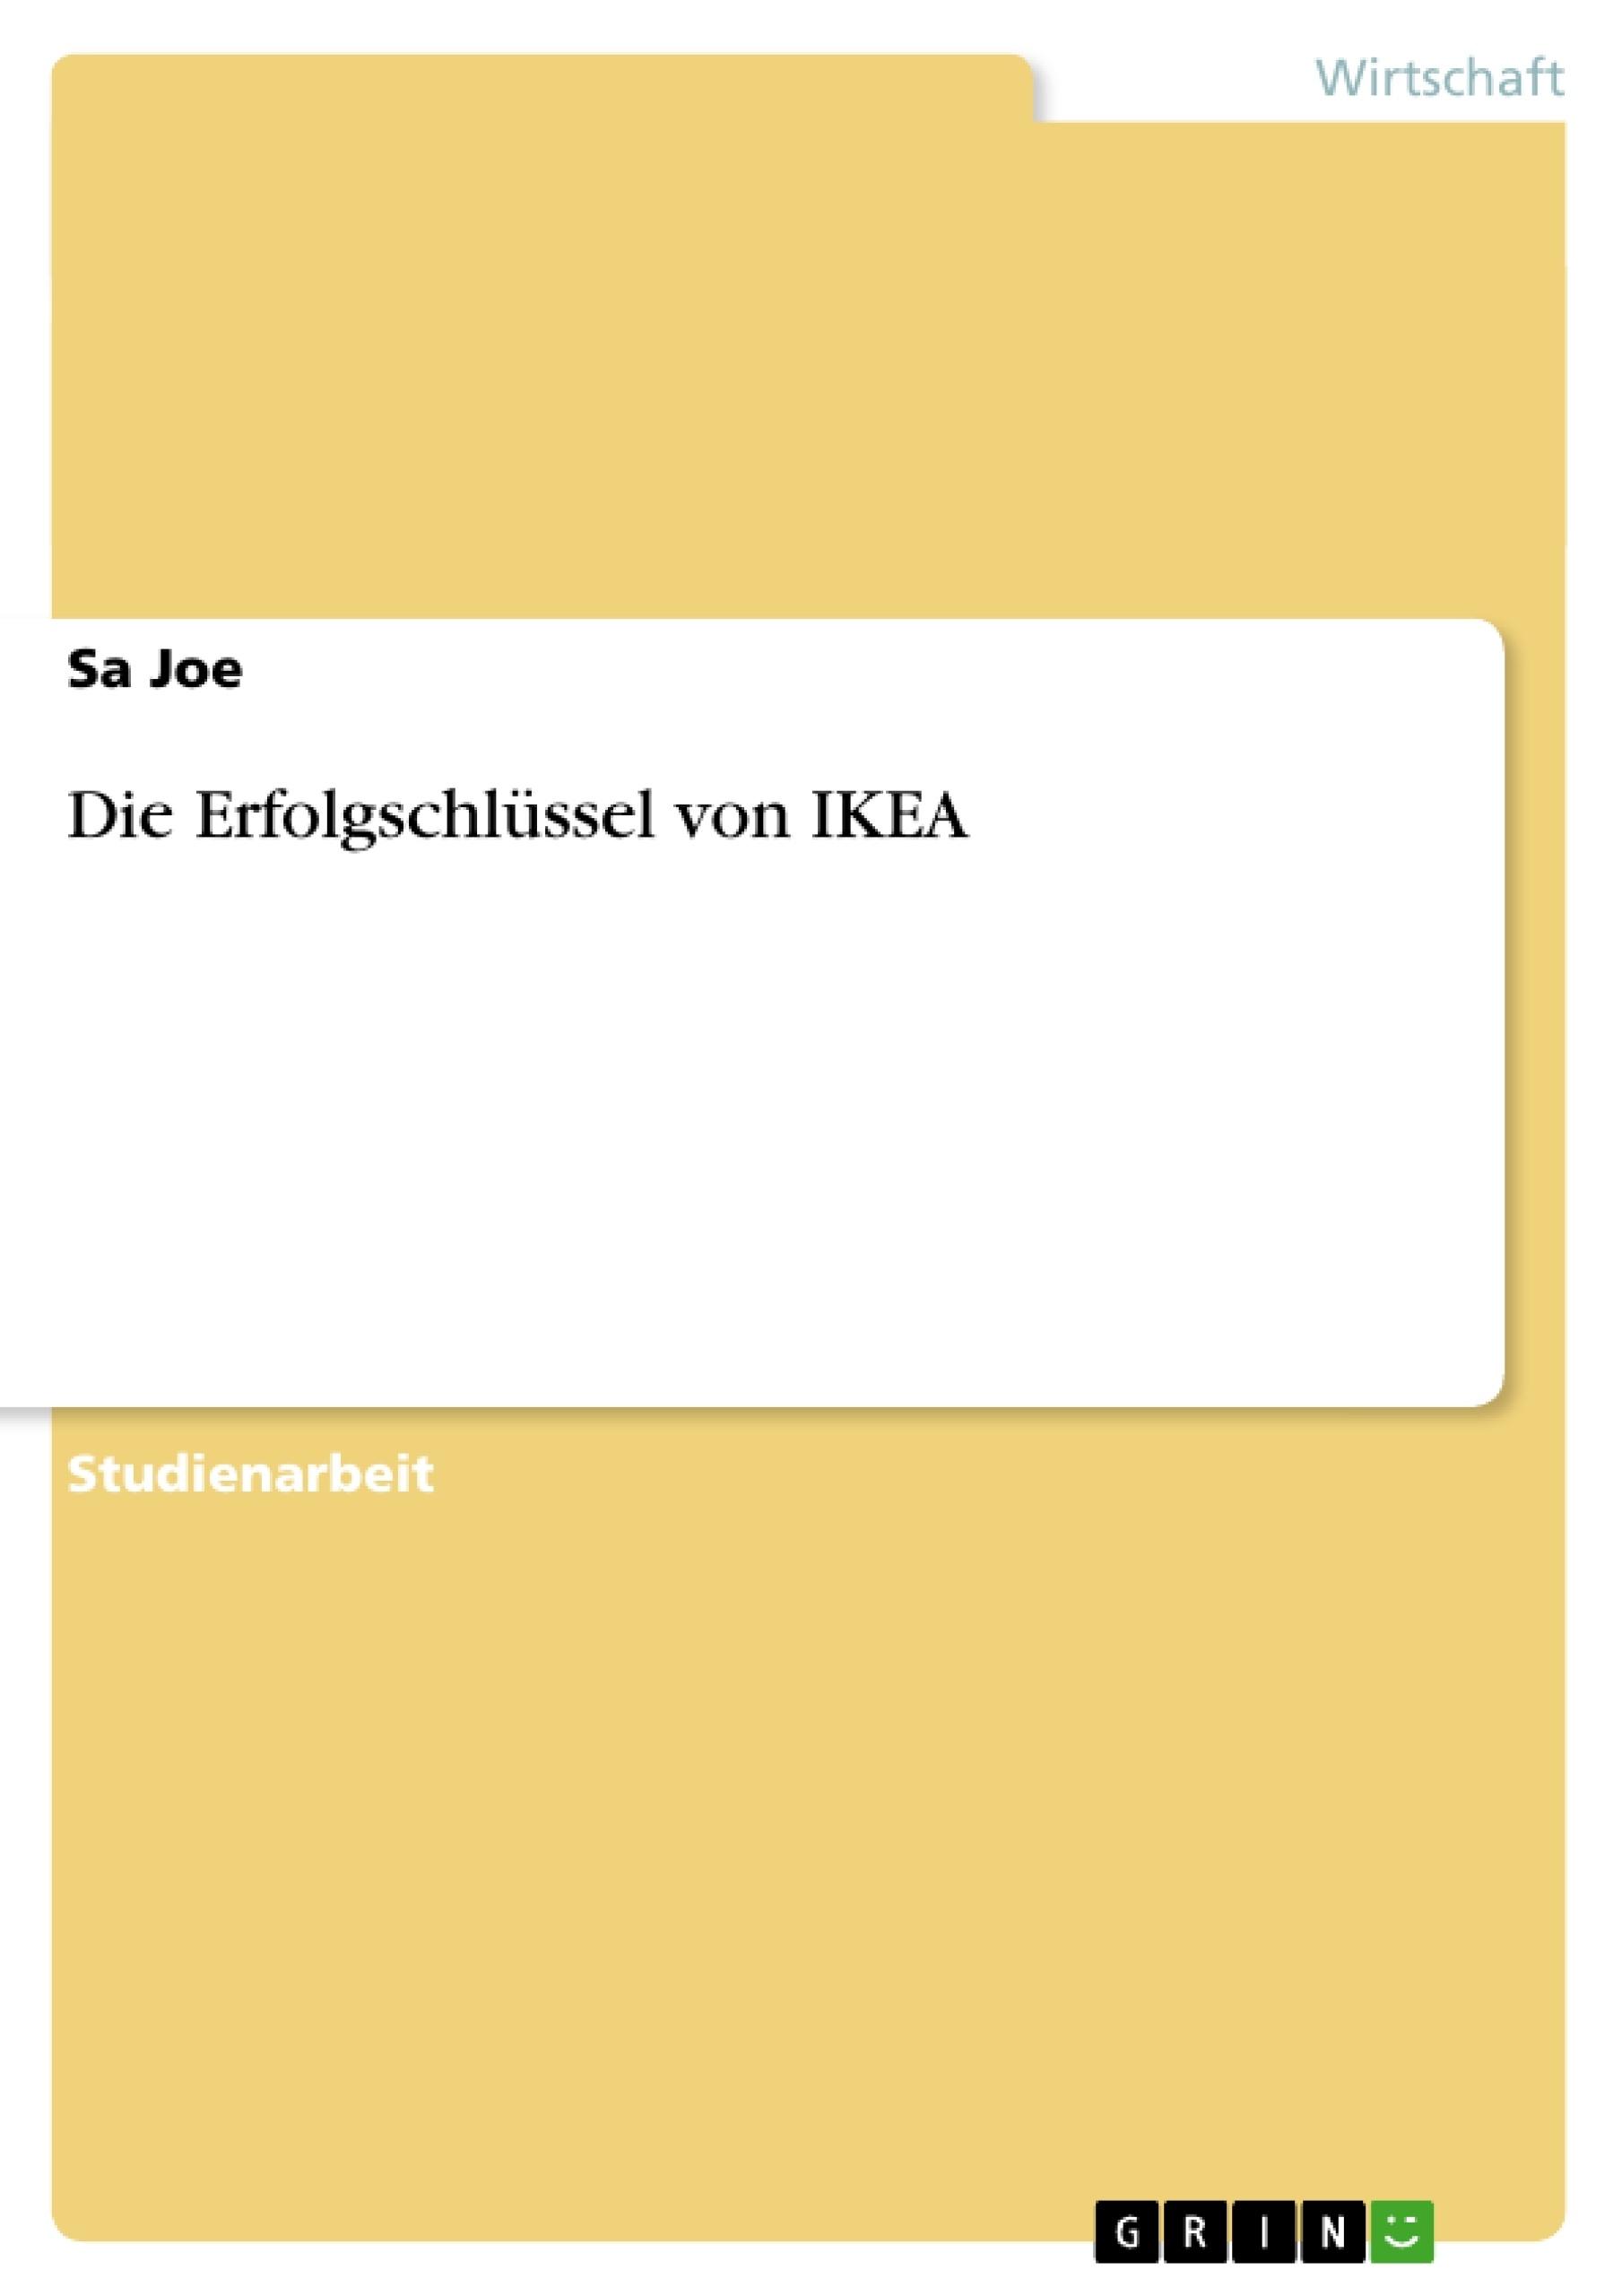 Titel: Die Erfolgschlüssel von IKEA